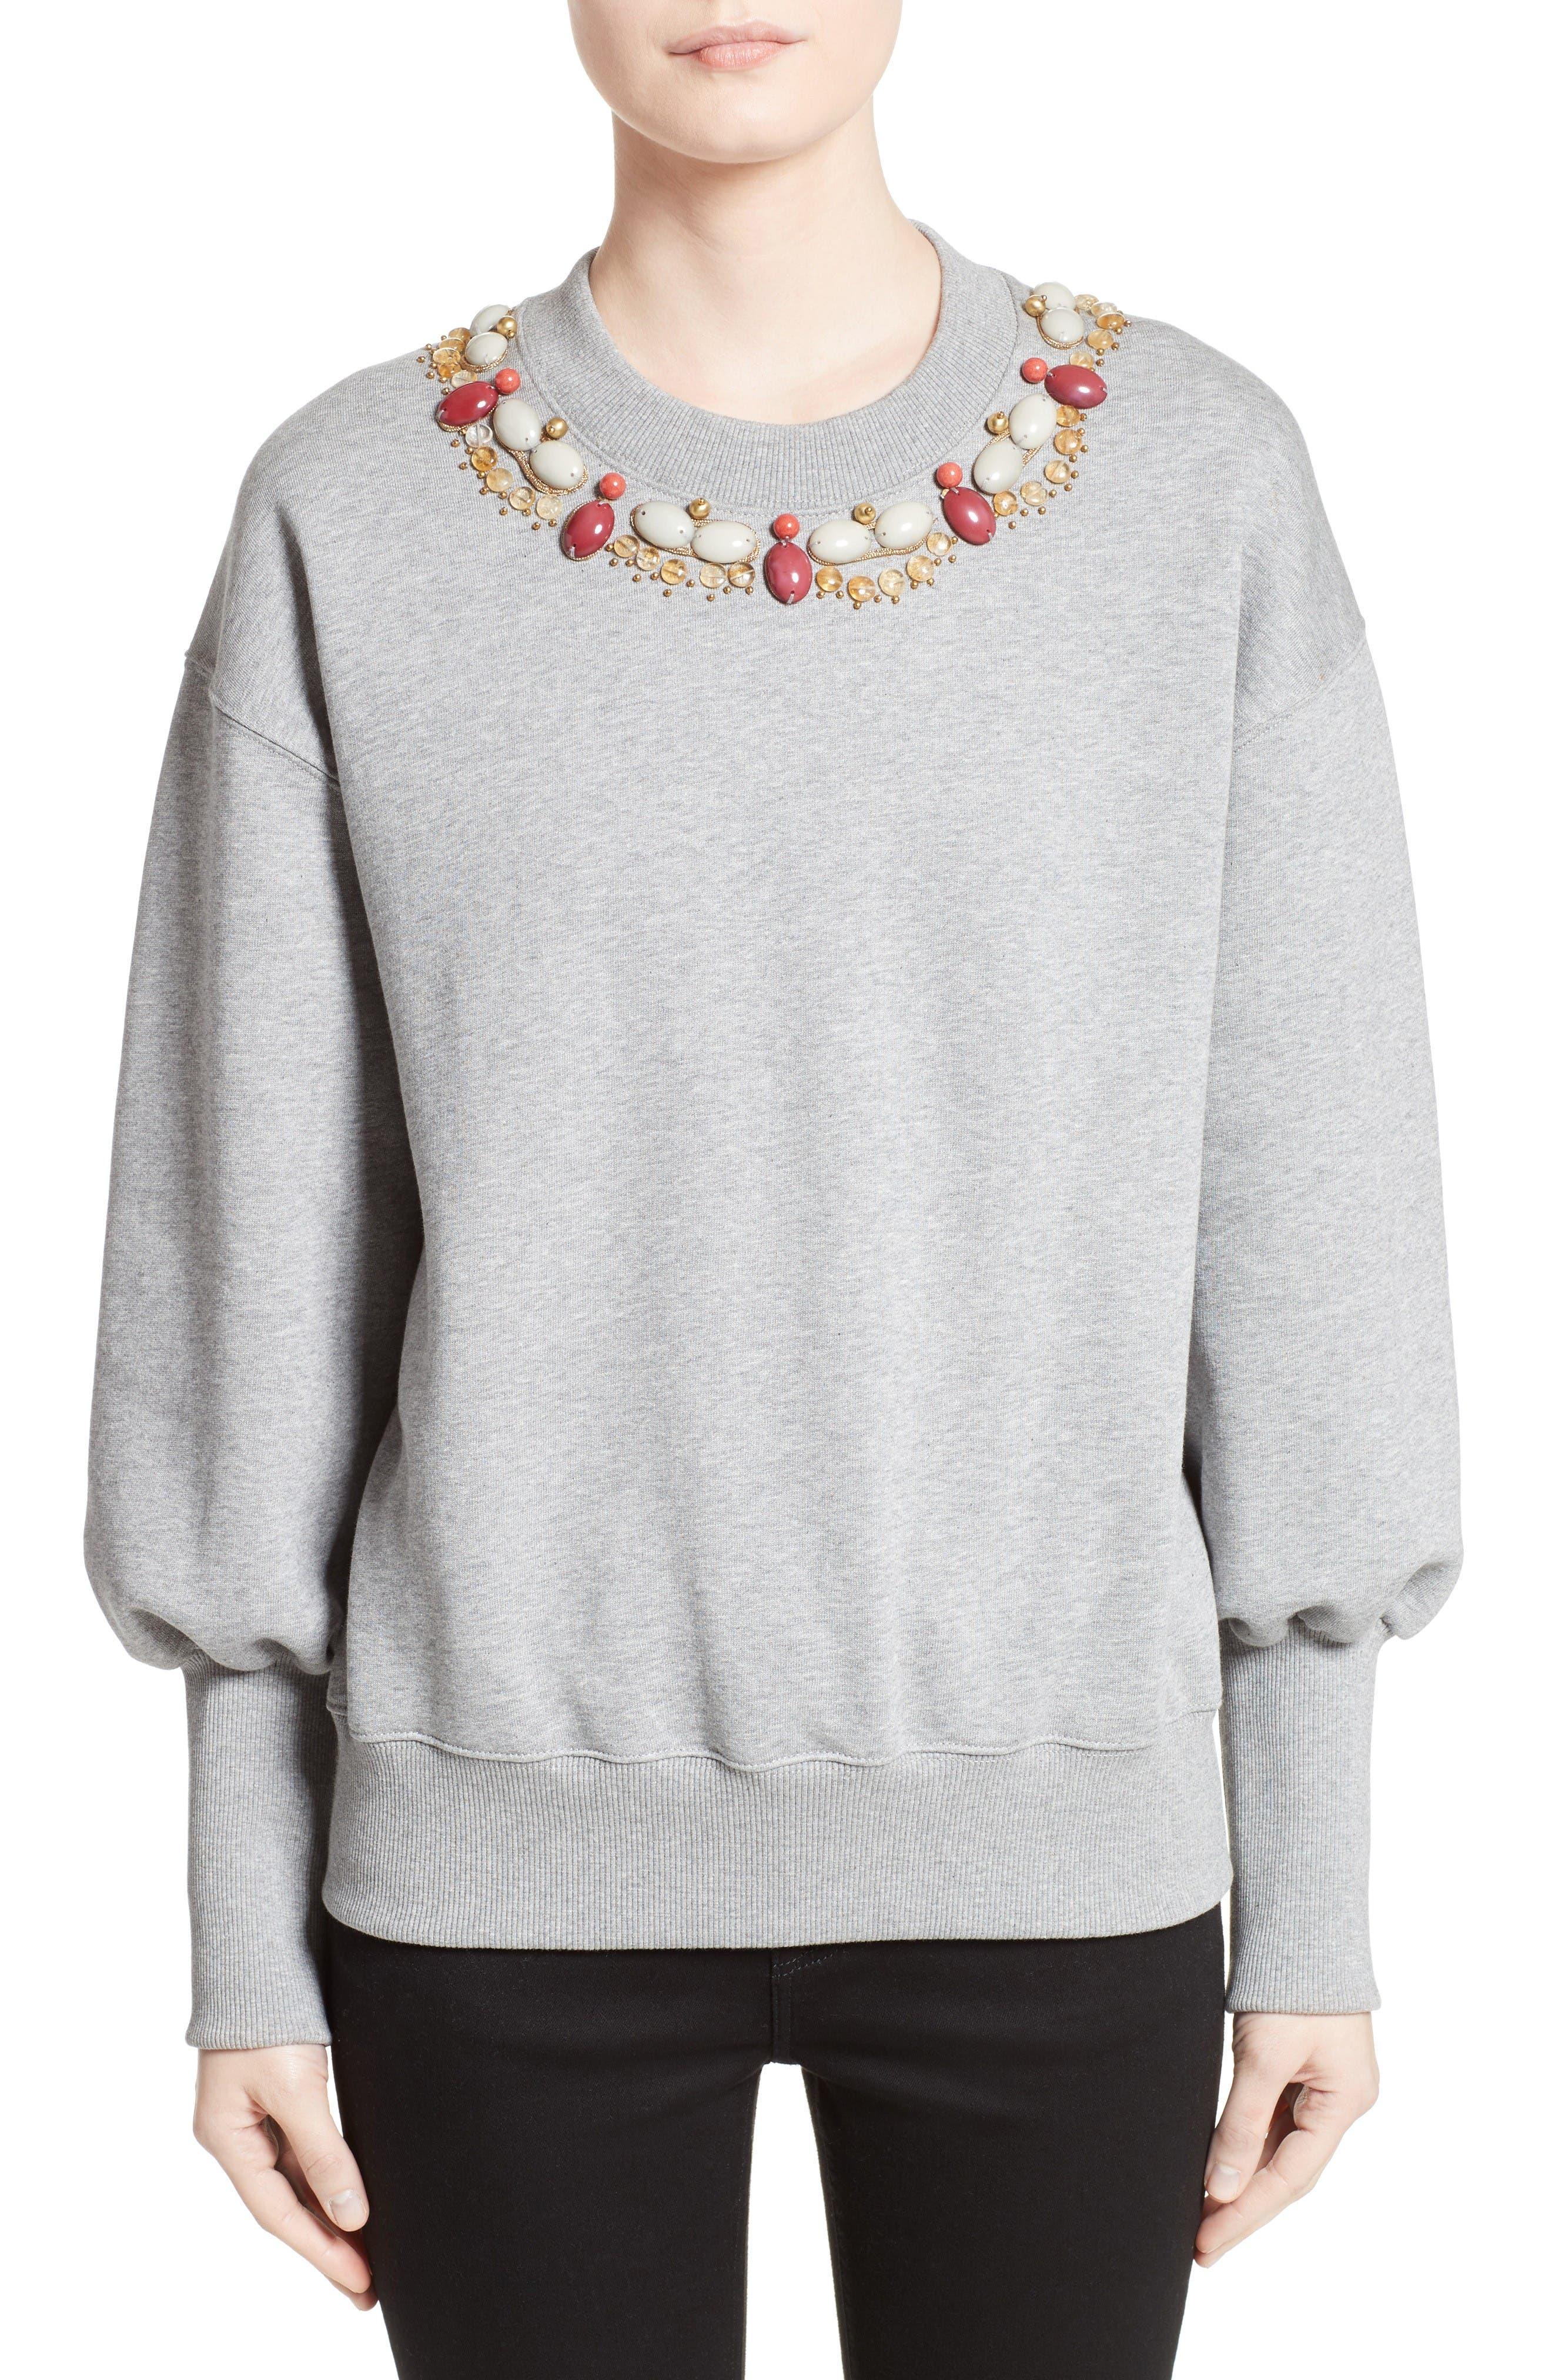 Burberry Juliano Embellished Sweatshirt